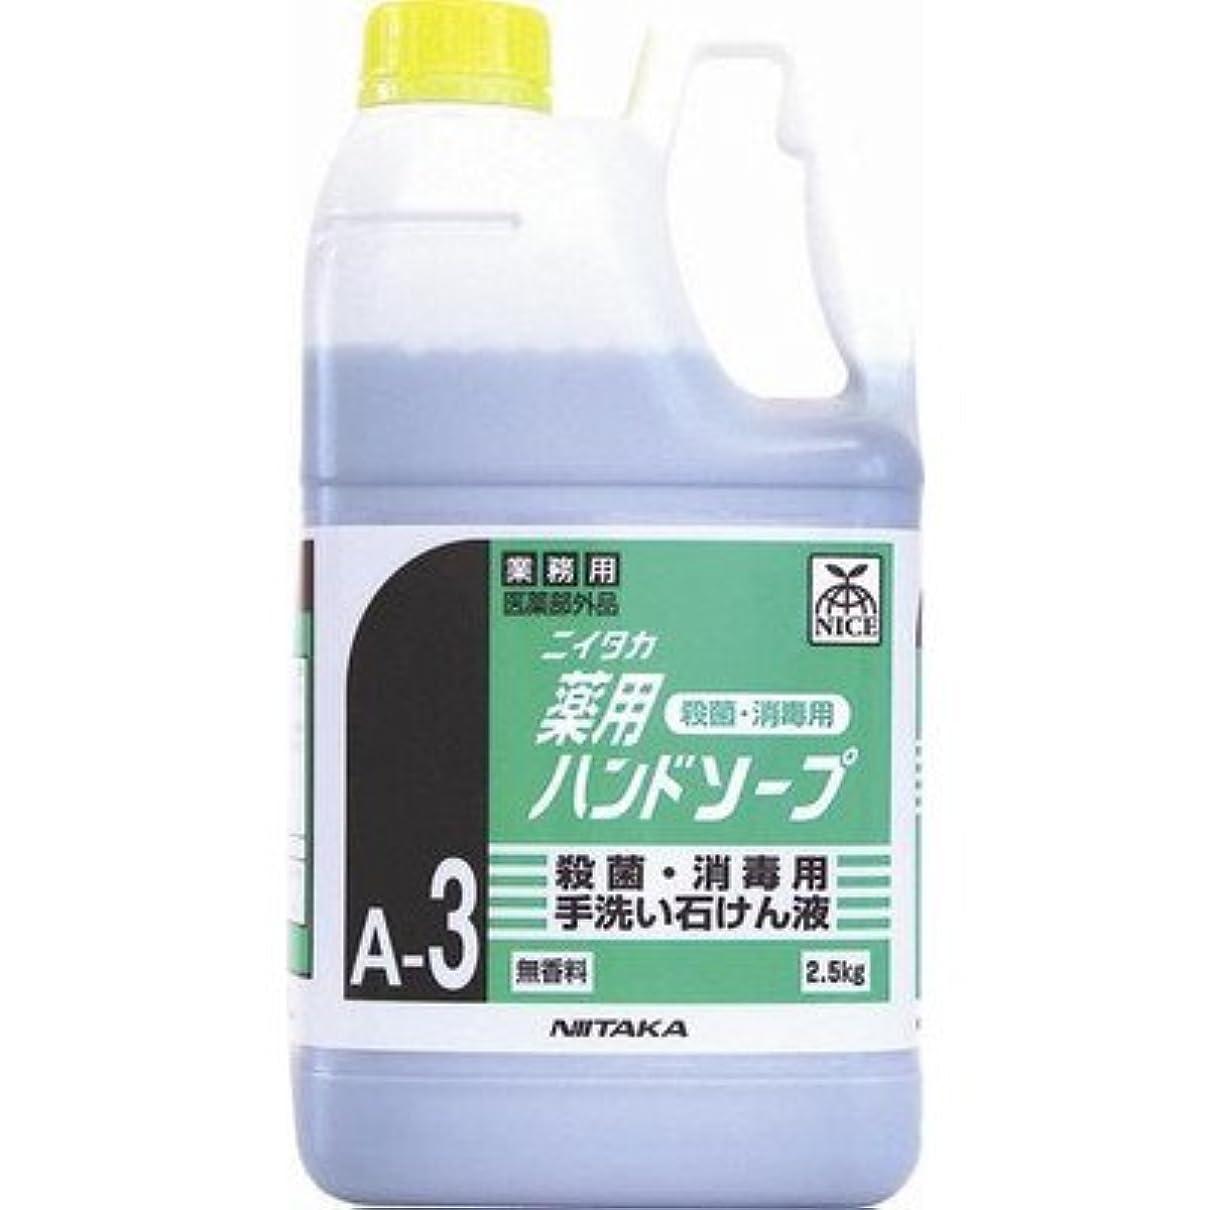 小石コンチネンタル国ニイタカ 業務用手洗い石けん液 薬用ハンドソープ(A-3) 2.5kg×6本